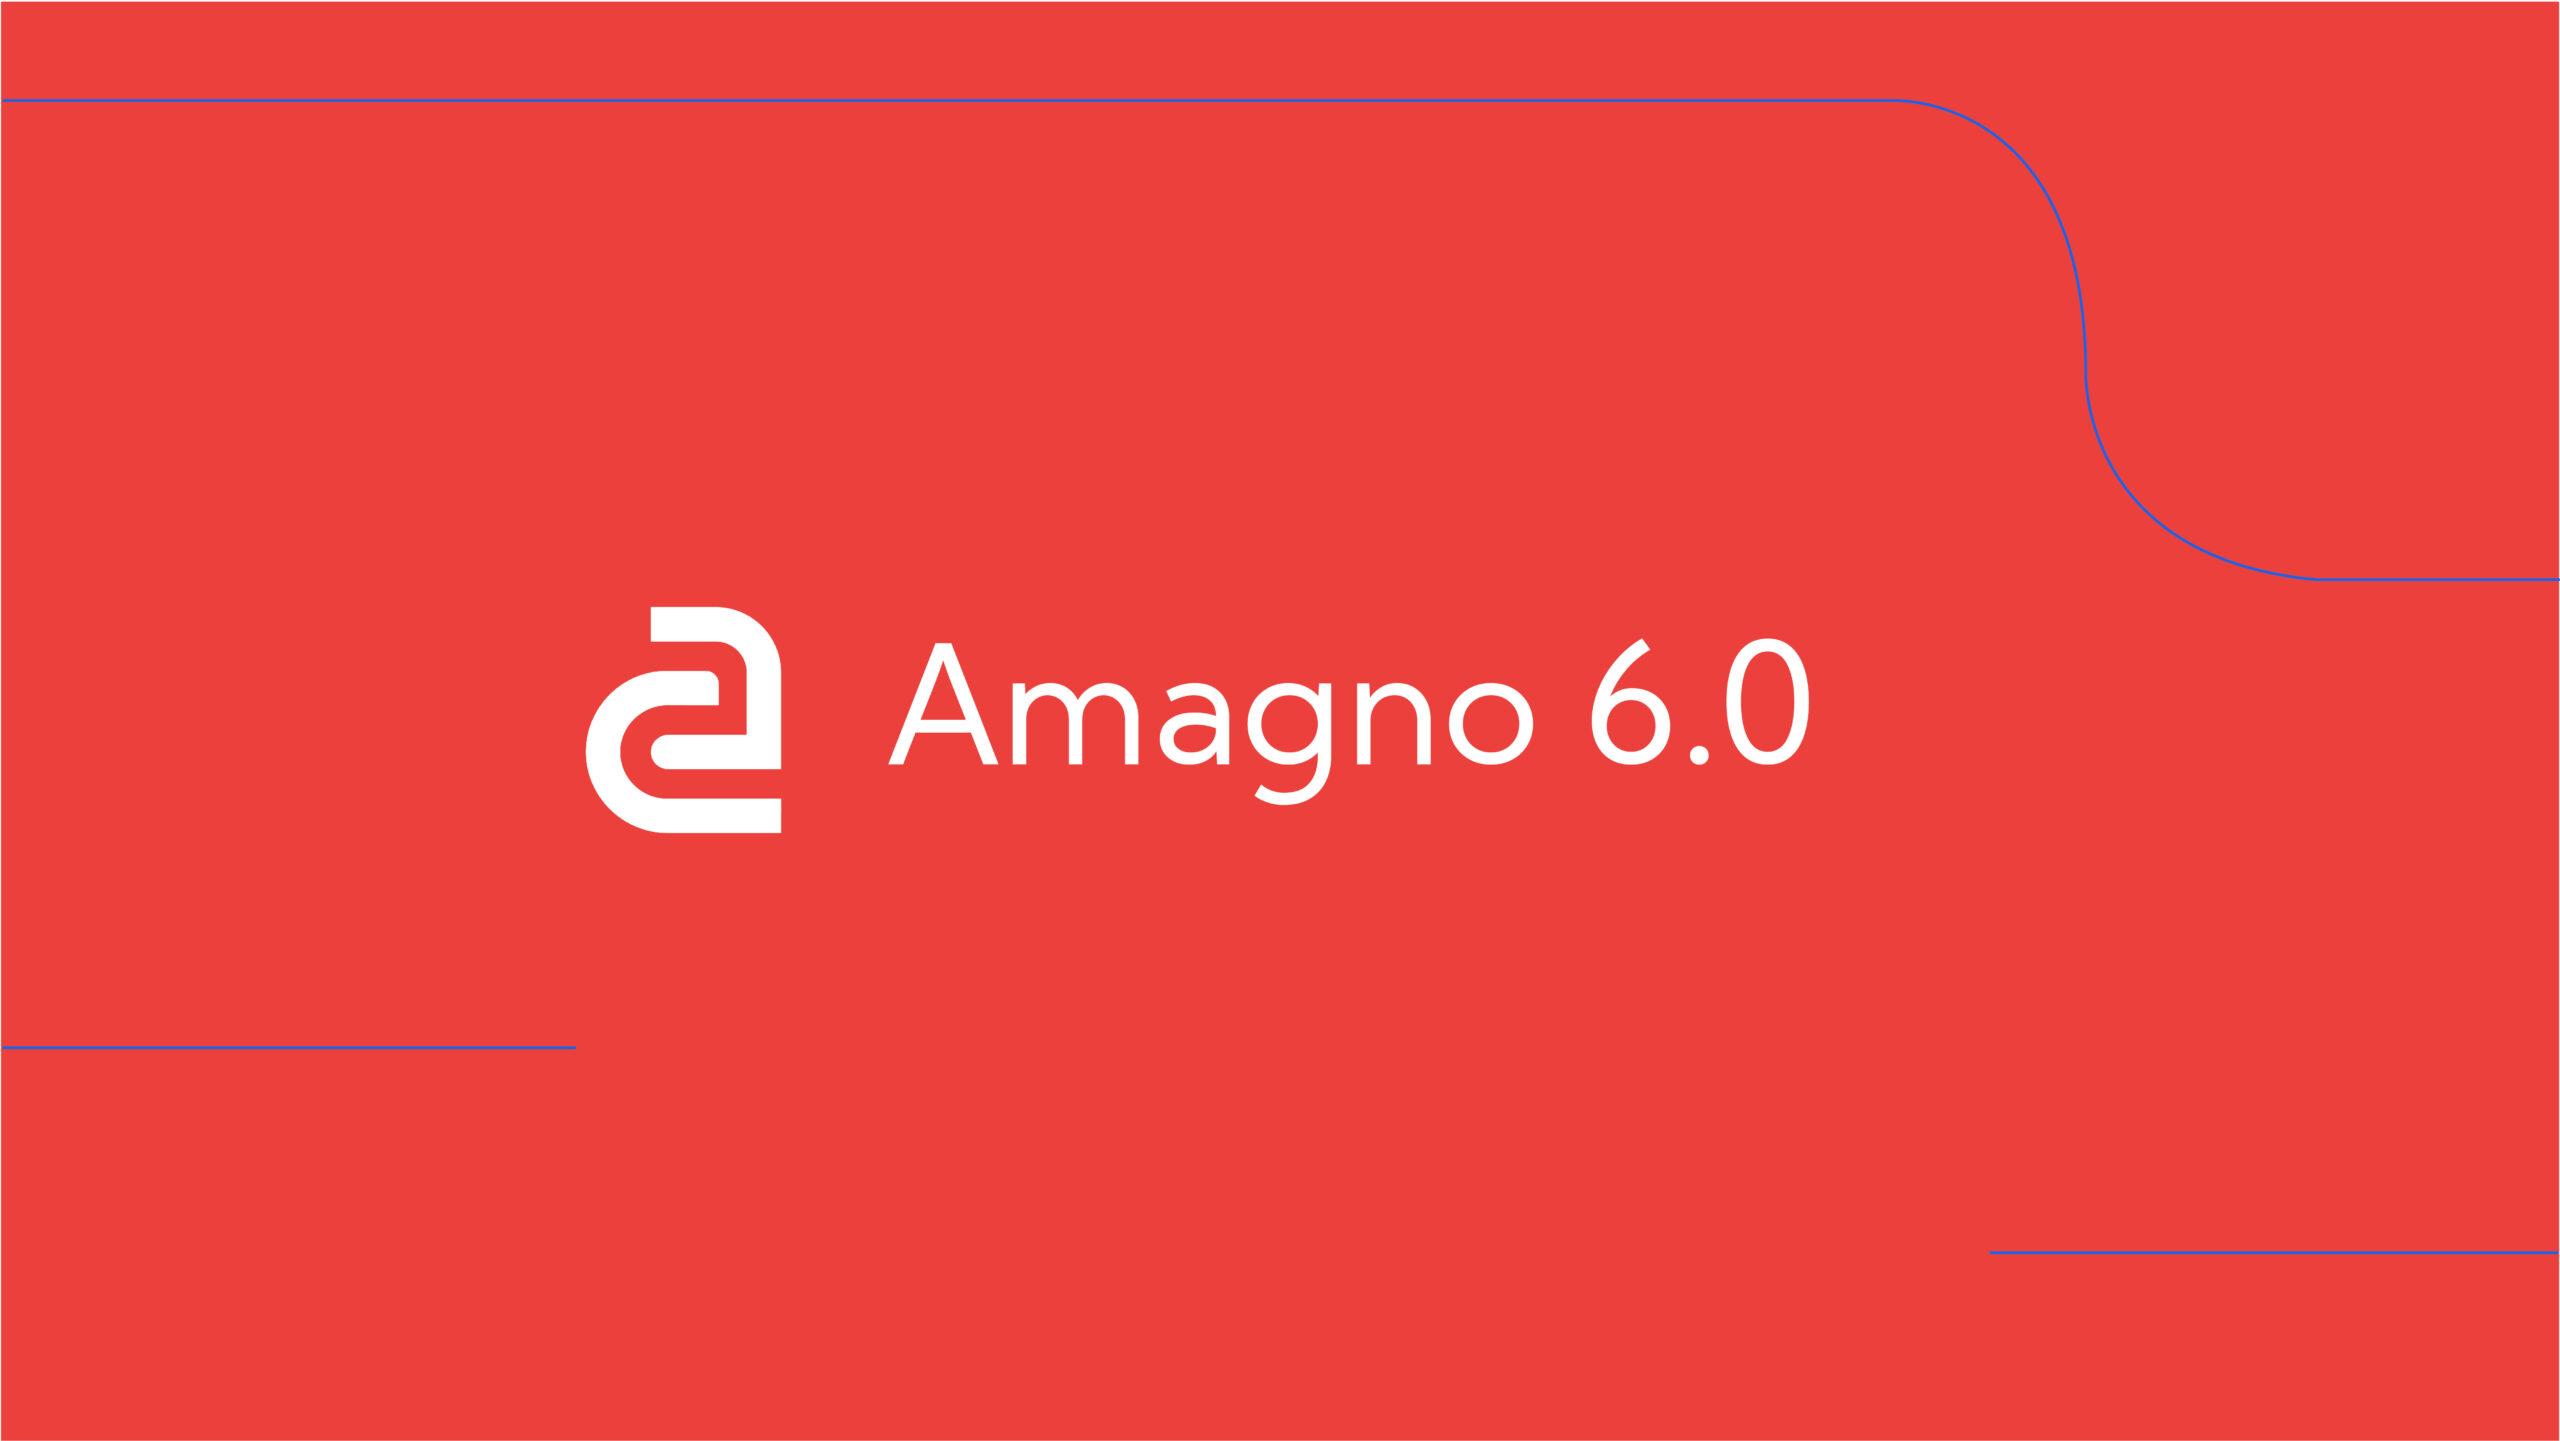 Amagno stellt sein ECM in Version 6 vor